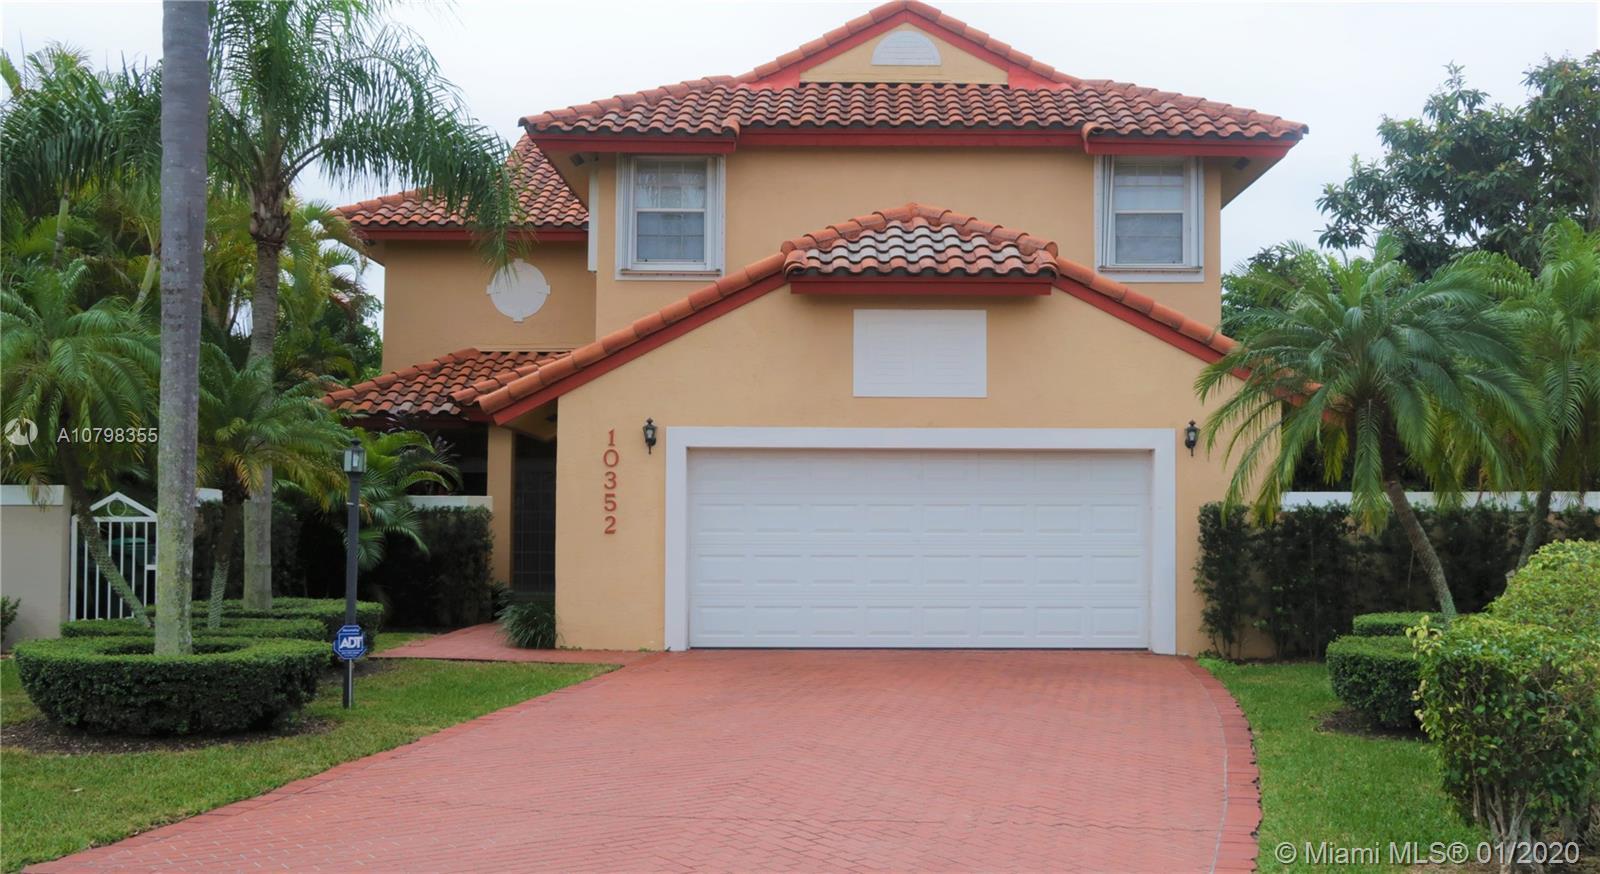 10352 NW 46th Ter, Doral, FL 33178 - Doral, FL real estate listing